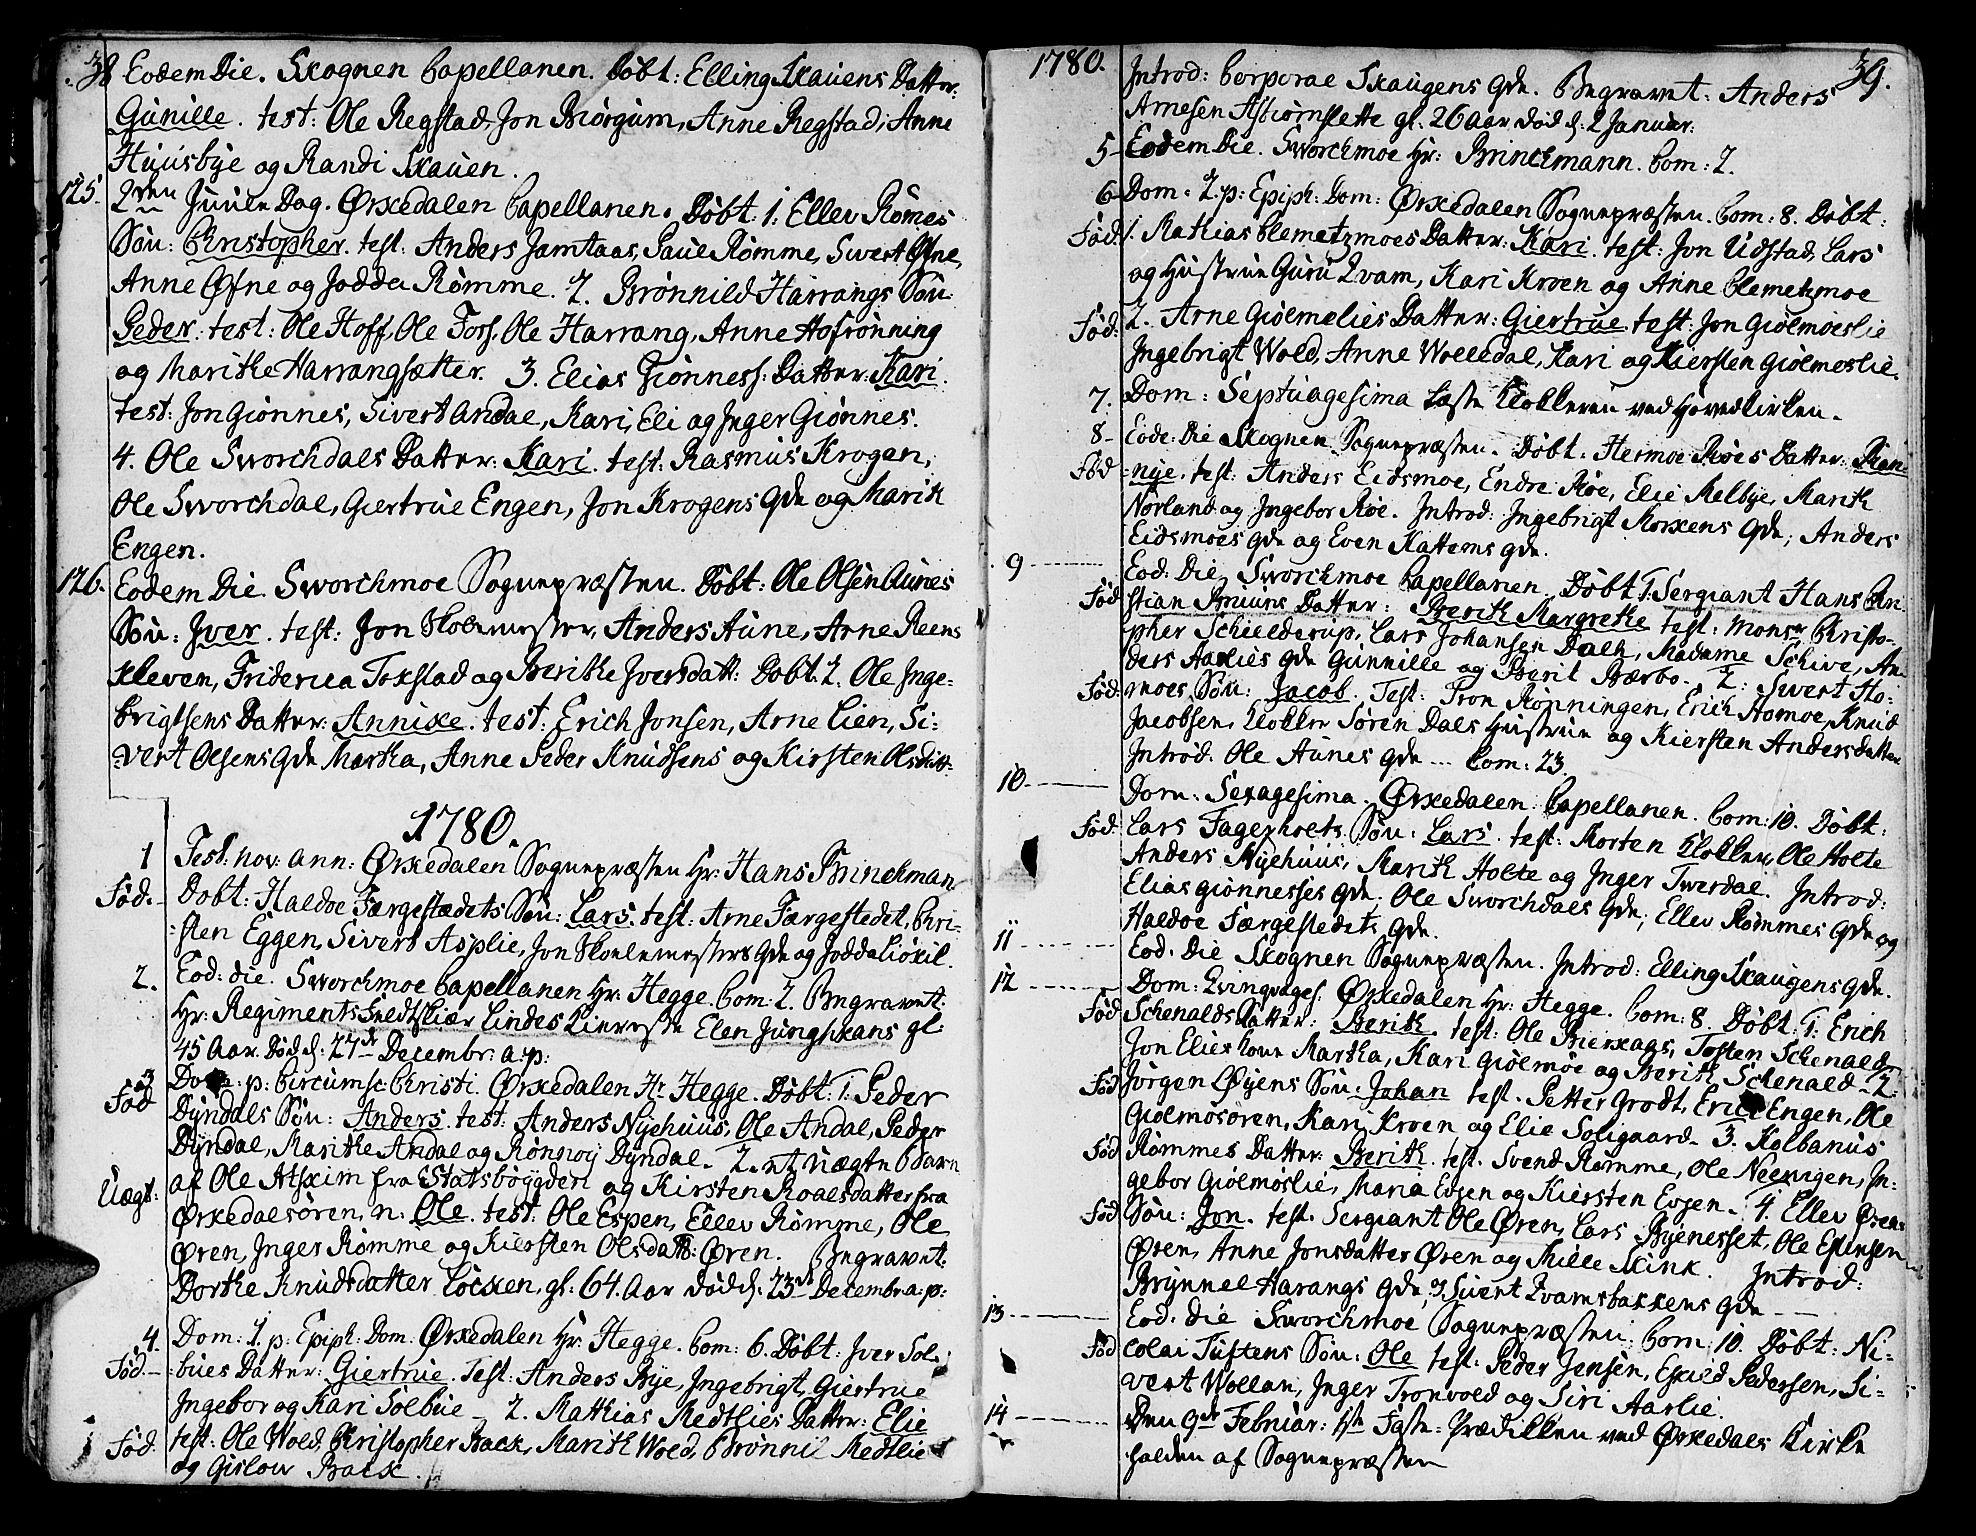 SAT, Ministerialprotokoller, klokkerbøker og fødselsregistre - Sør-Trøndelag, 668/L0802: Ministerialbok nr. 668A02, 1776-1799, s. 38-39